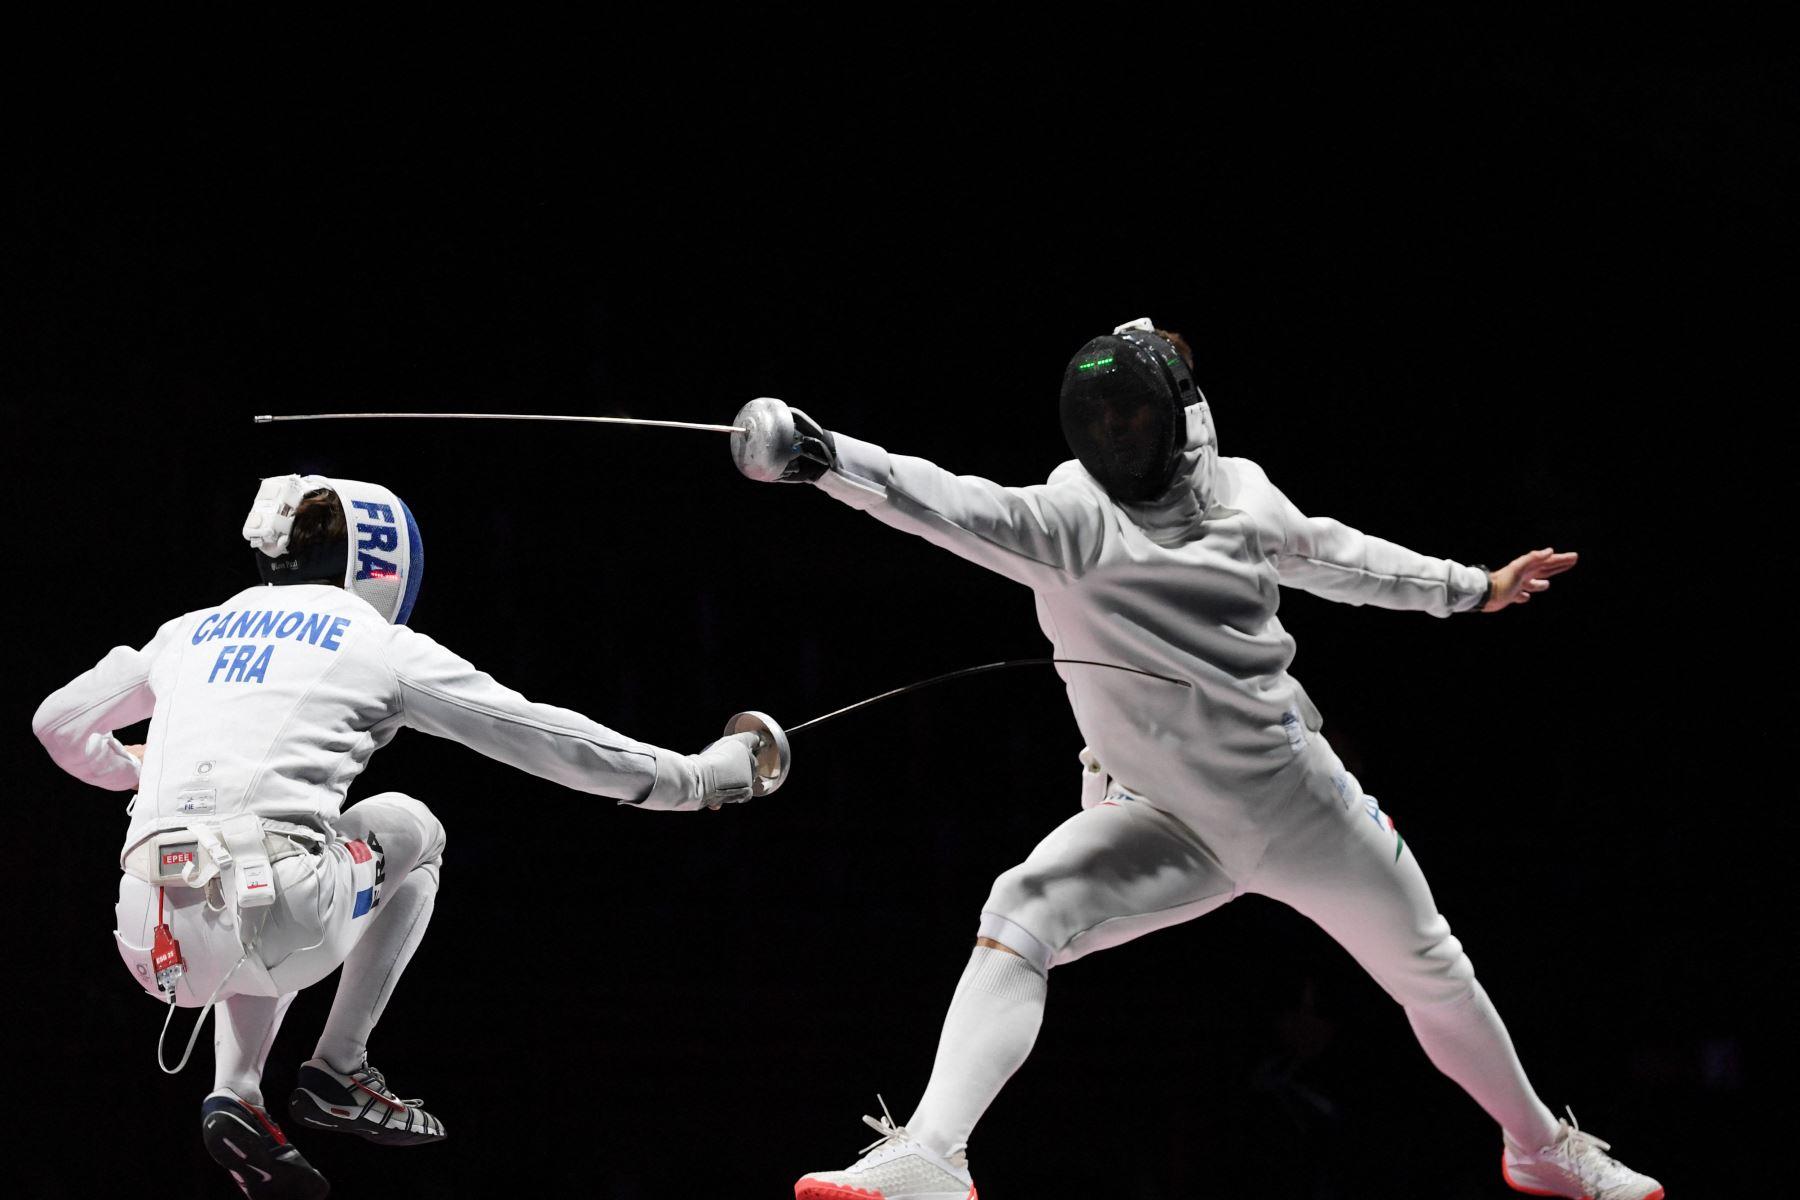 El francés Romain Cannone  compite contra el húngaro Gergely Siklosi en la pelea por la medalla de oro individual de espada masculina durante los Juegos Olímpicos de Tokio 2020 en el Makuhari Messe Hall en la ciudad de Chiba, Prefectura de Chiba, Japón. Foto: AFP